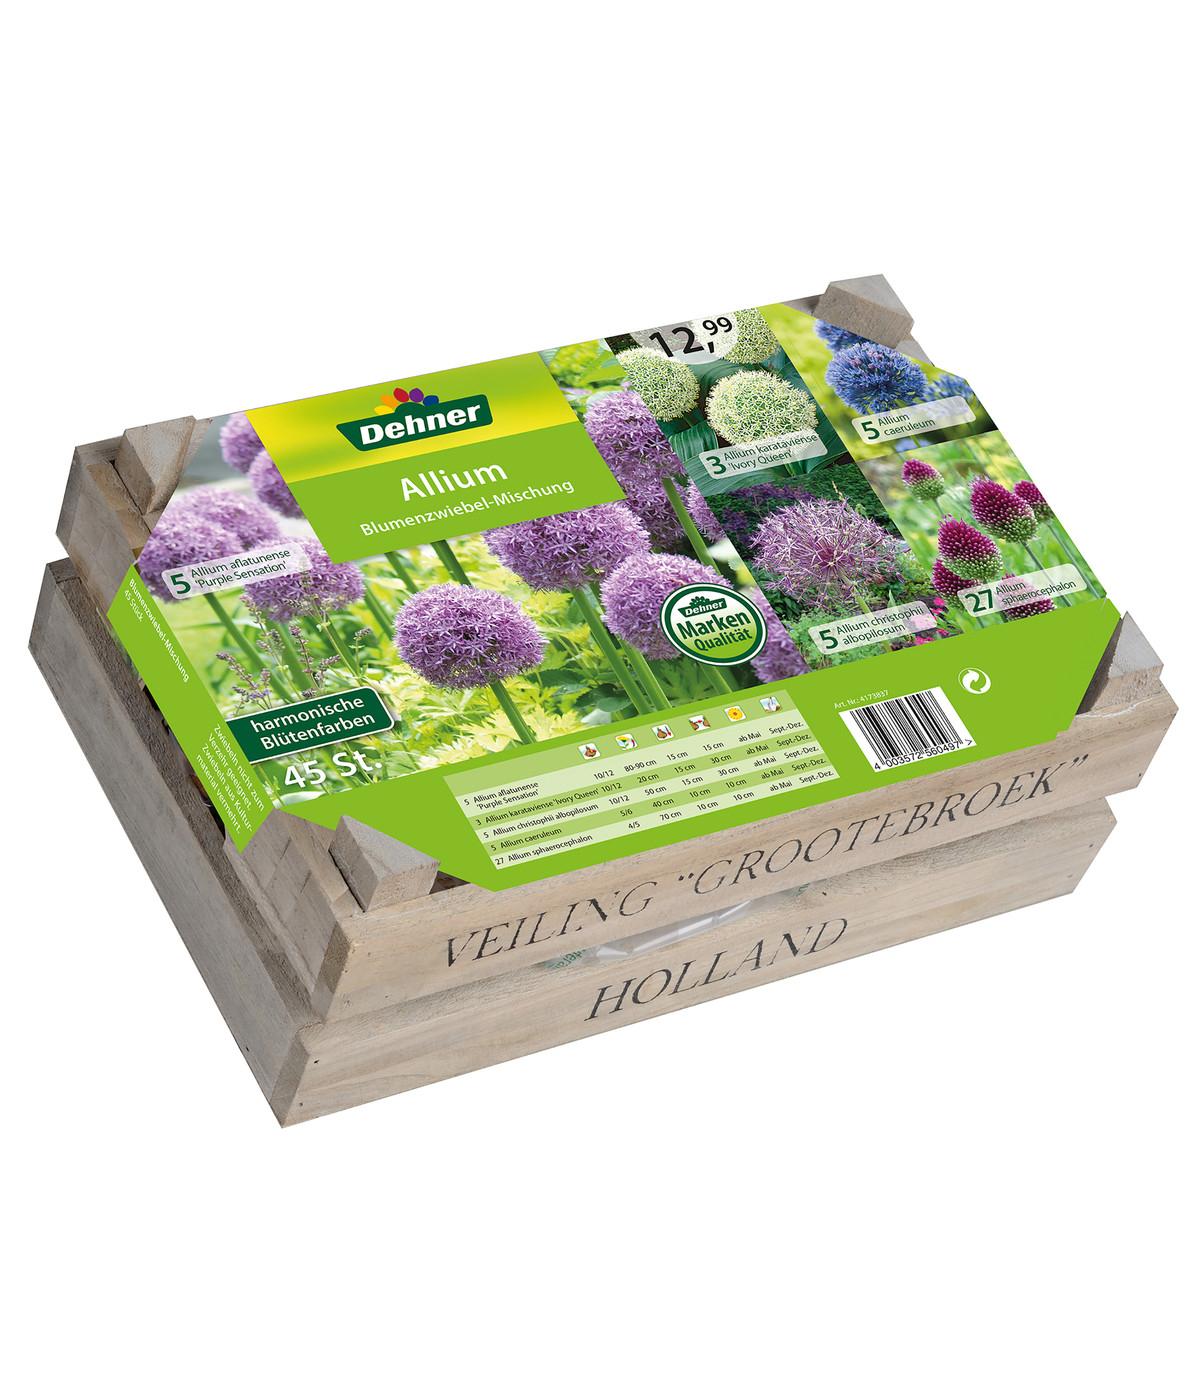 [Dehner offline] Steck- und Blumenzwiebeln für 1,00€ pro Packung